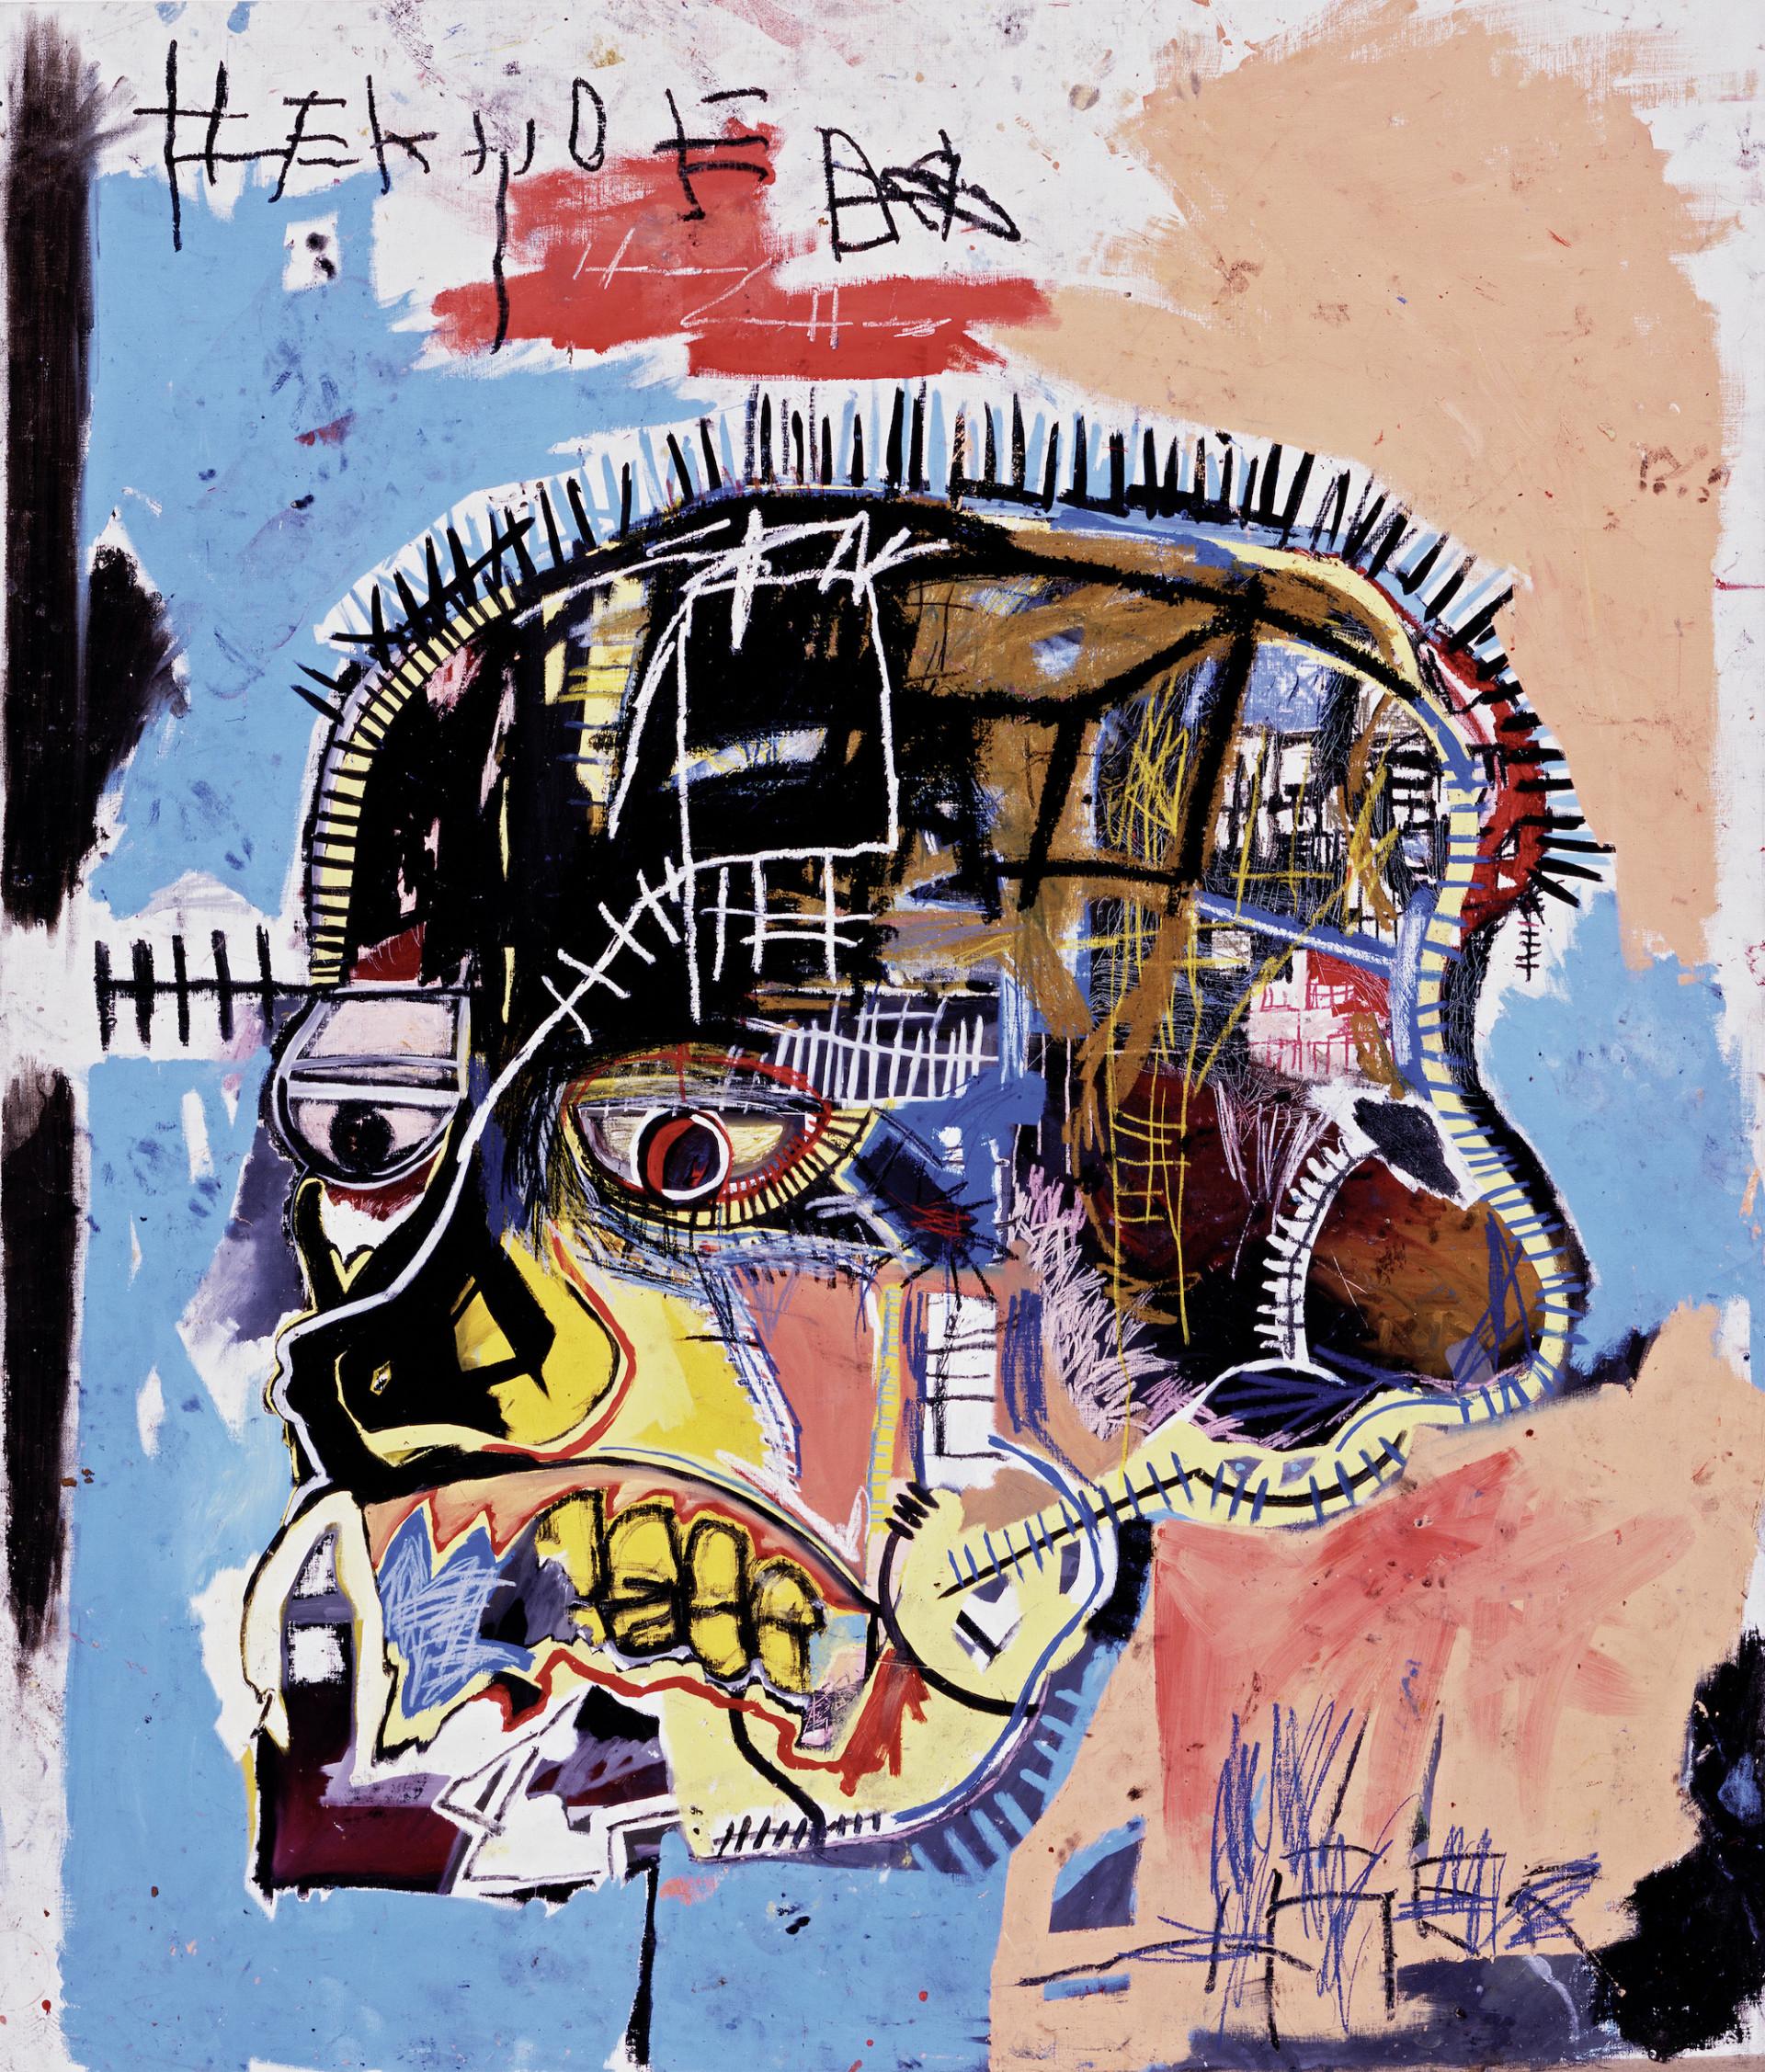 XL_Basquiat_01141_112-113-960x1127@2x.jpg